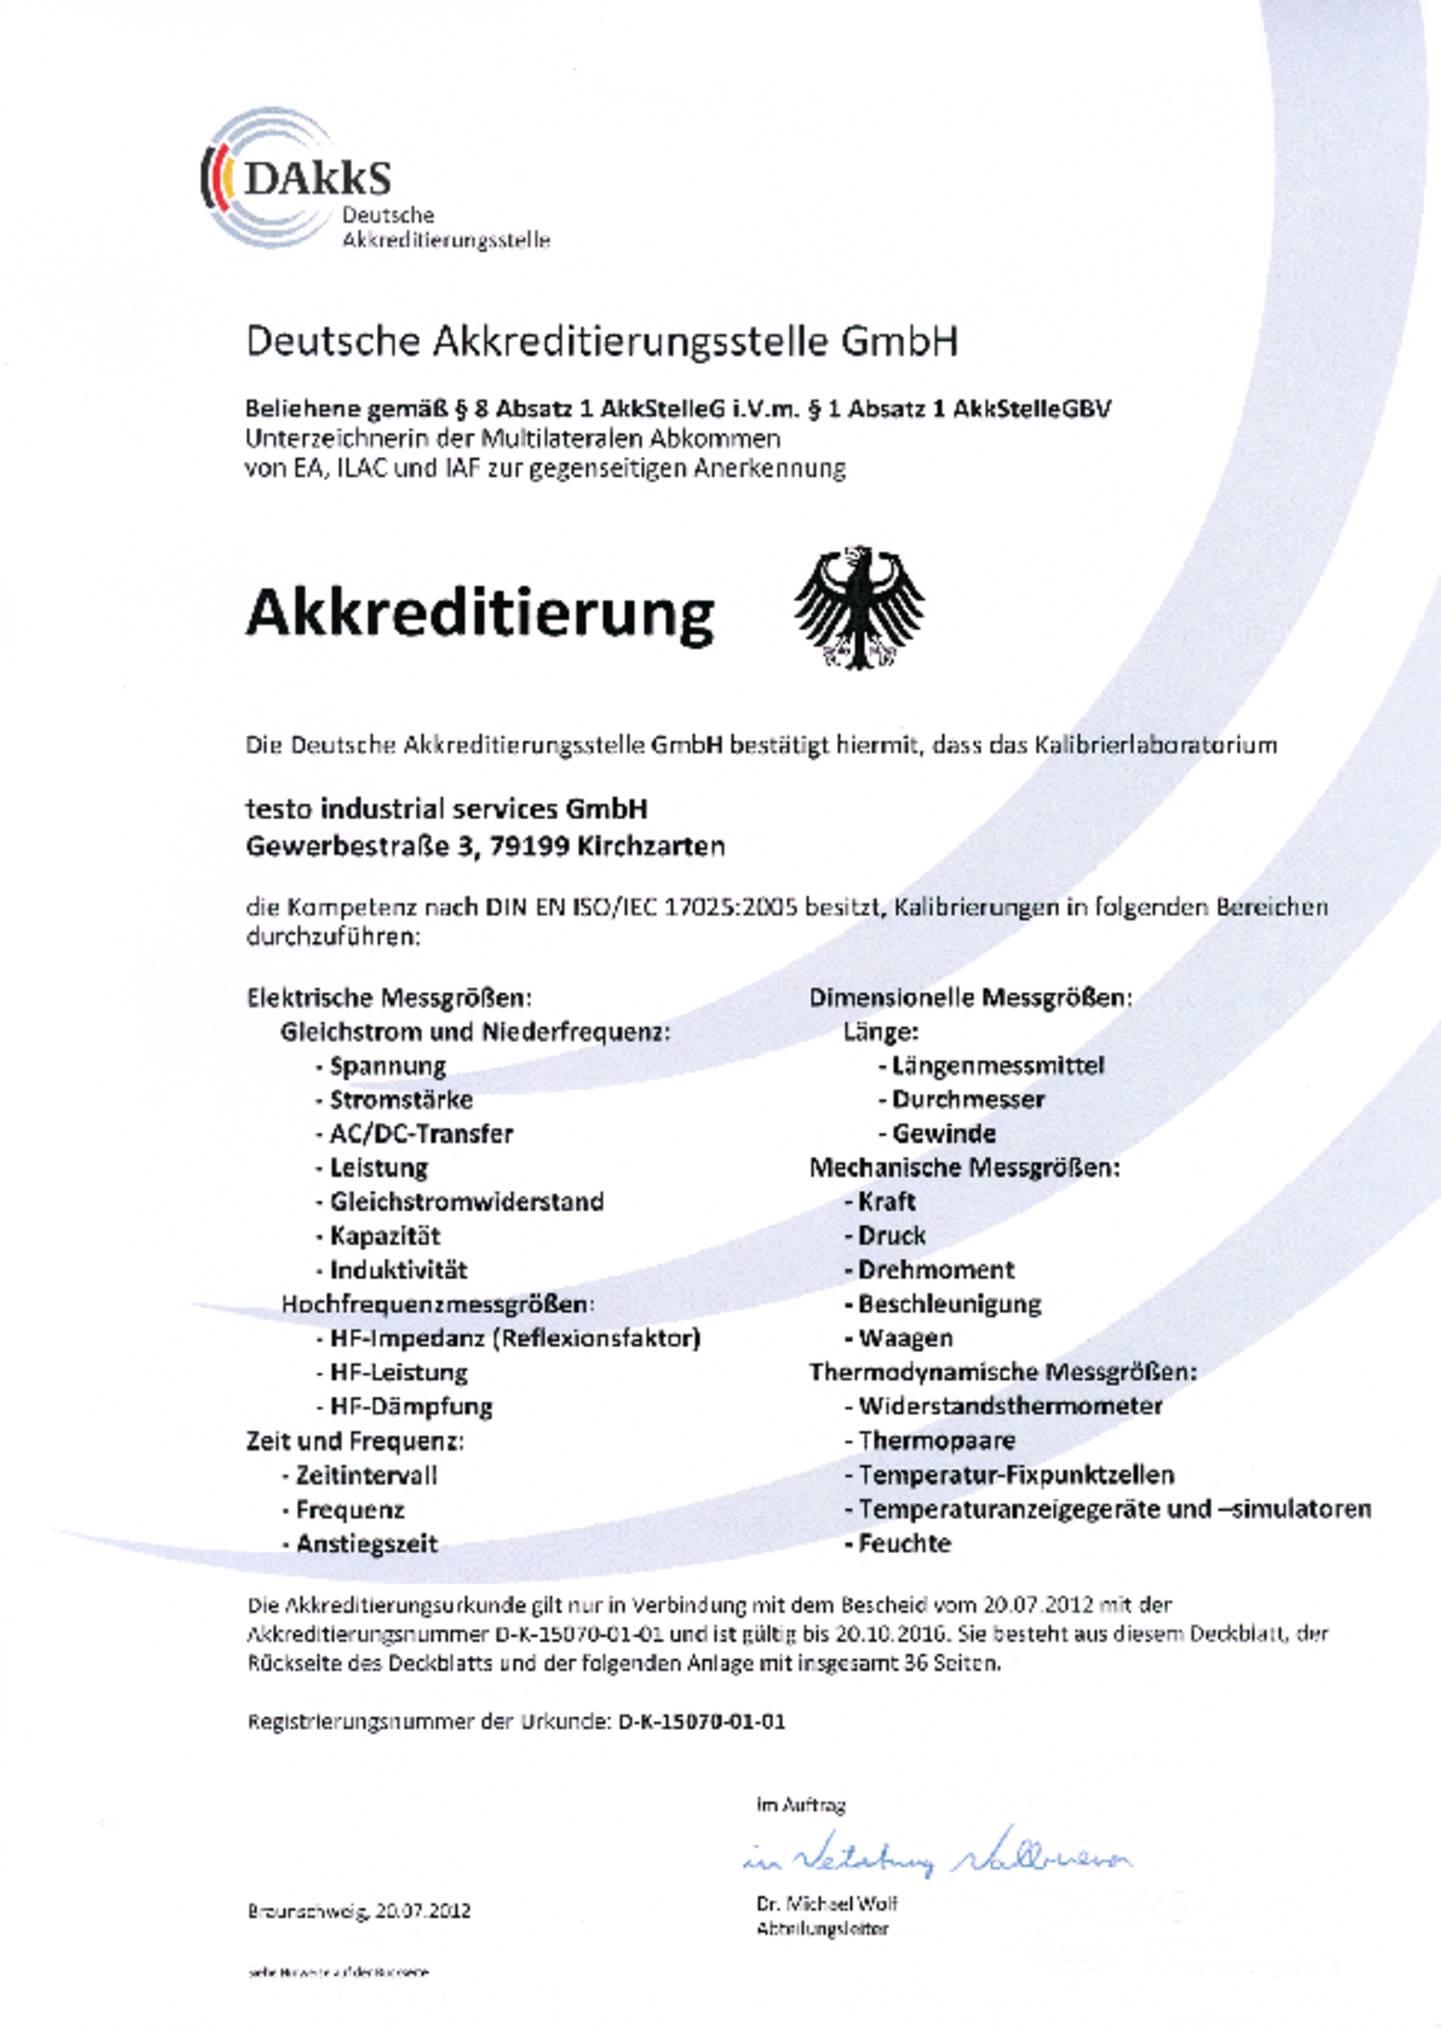 Testo Idustrial services DAkkS (vormals DKD)-Zertificat downloaden